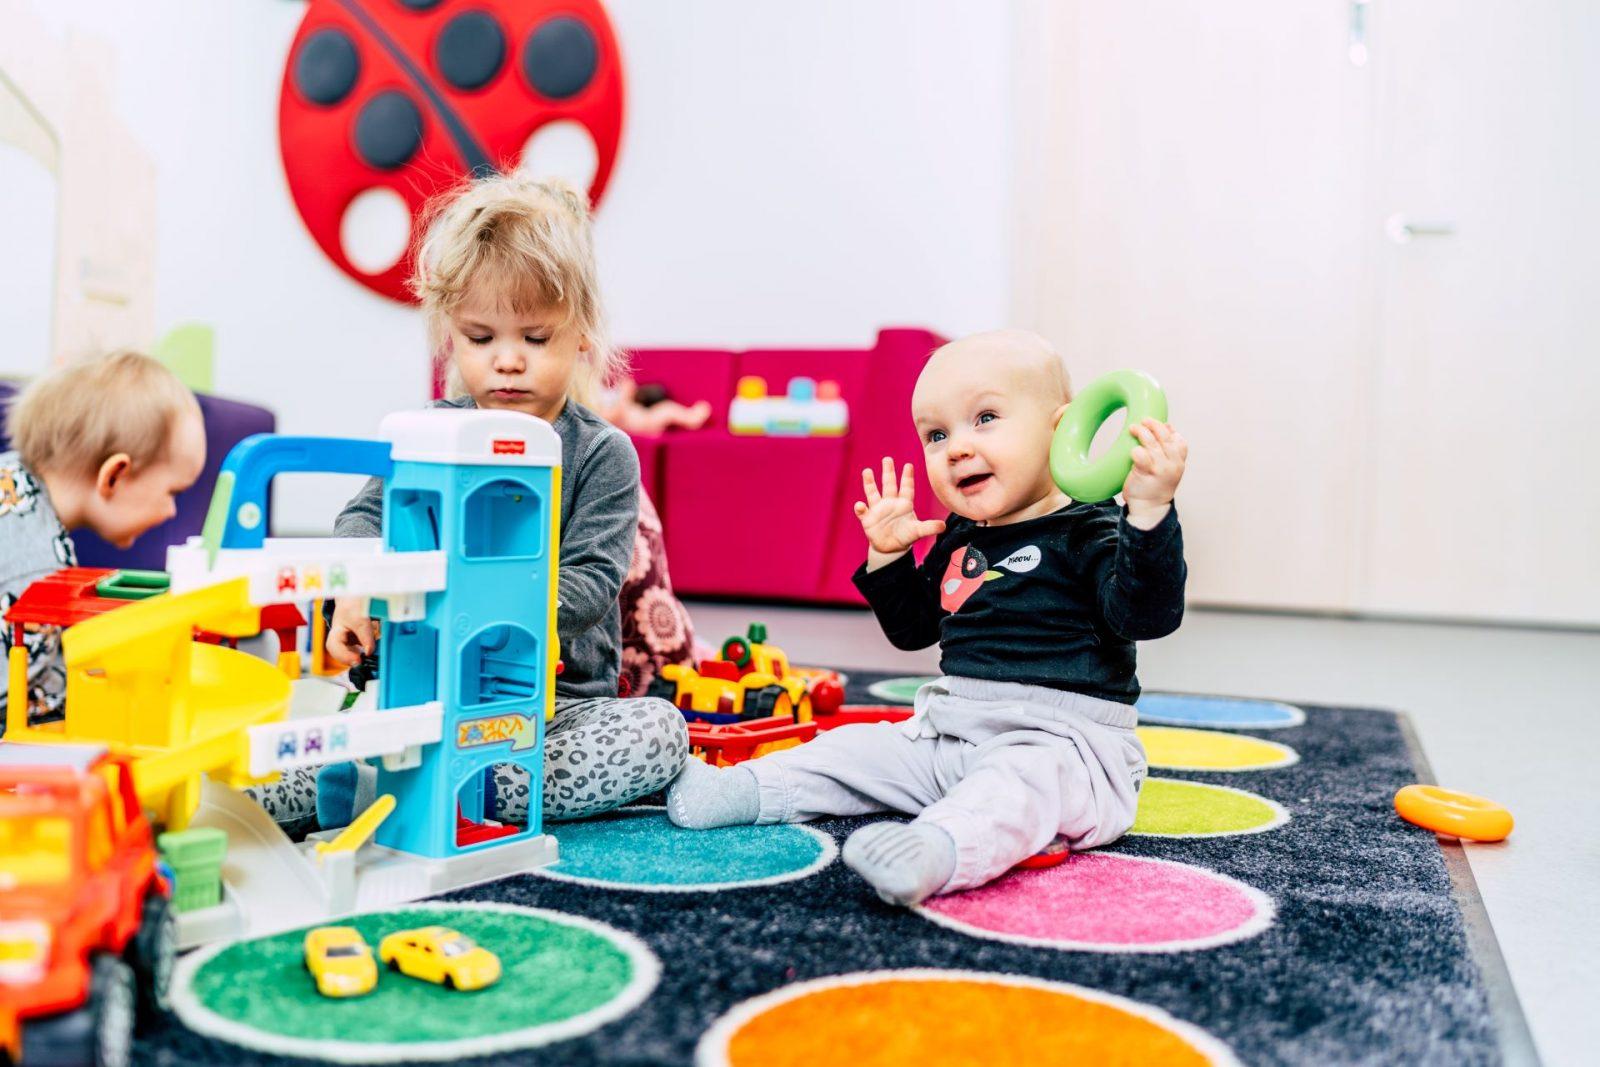 Lapset leikkivät päiväkodissa